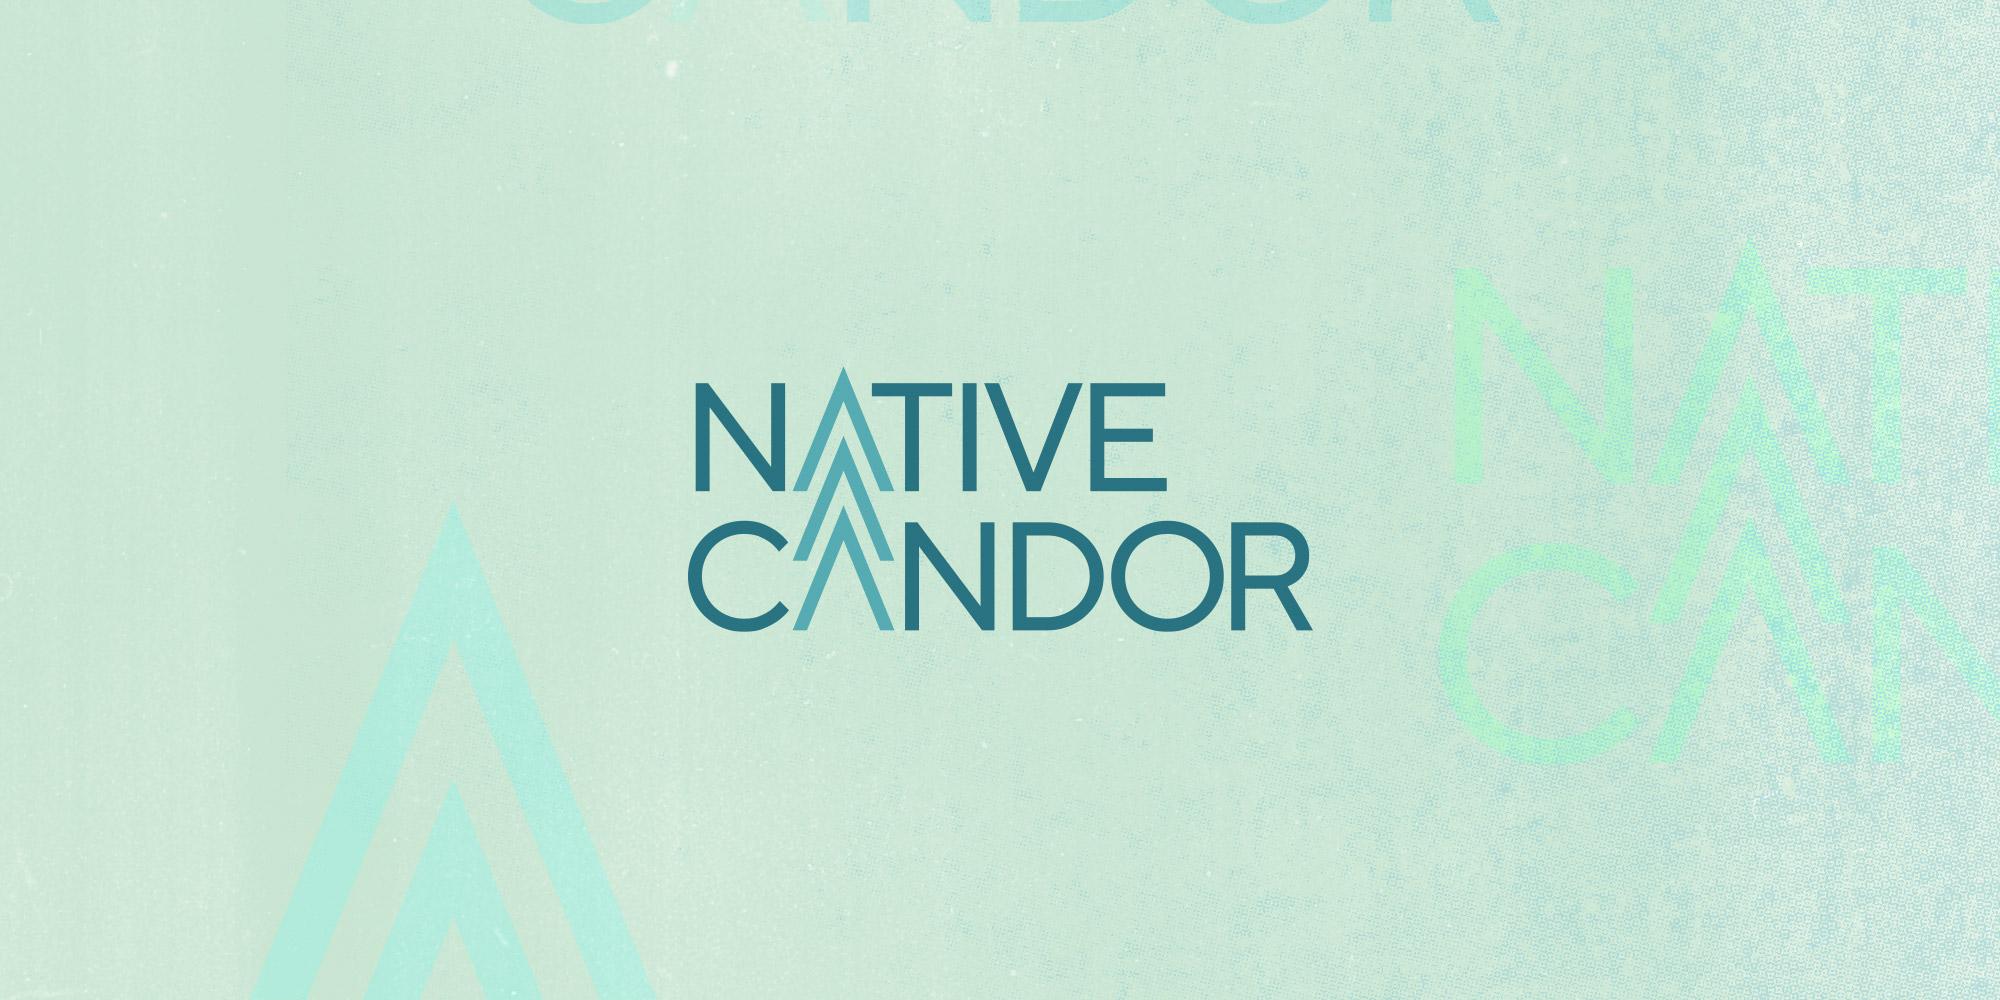 Native-Candor_Branding_Logo_Texture_Final